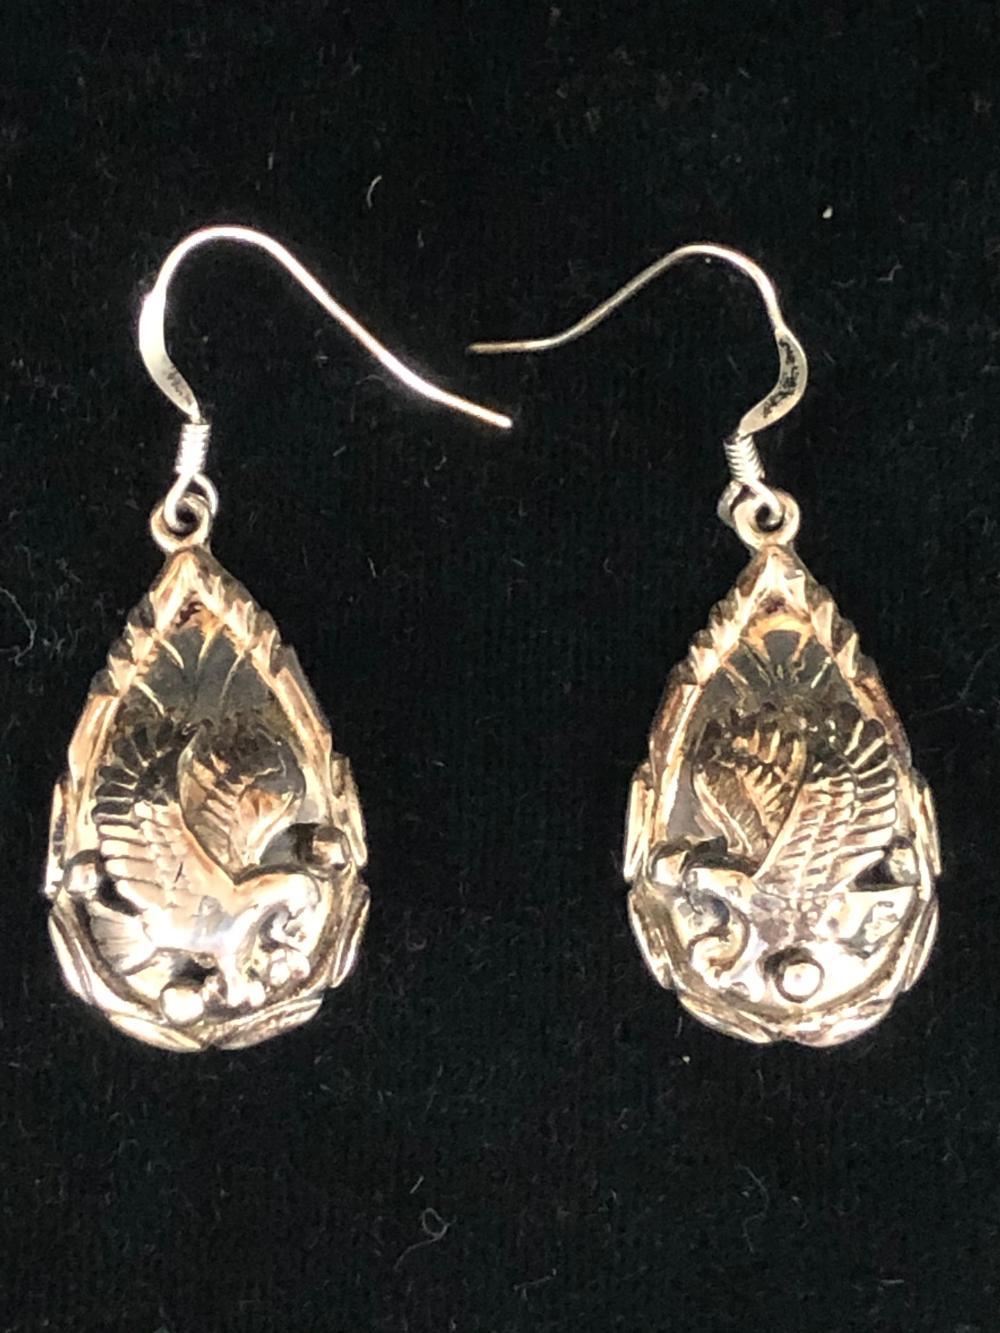 Sterling silver eagle earrings